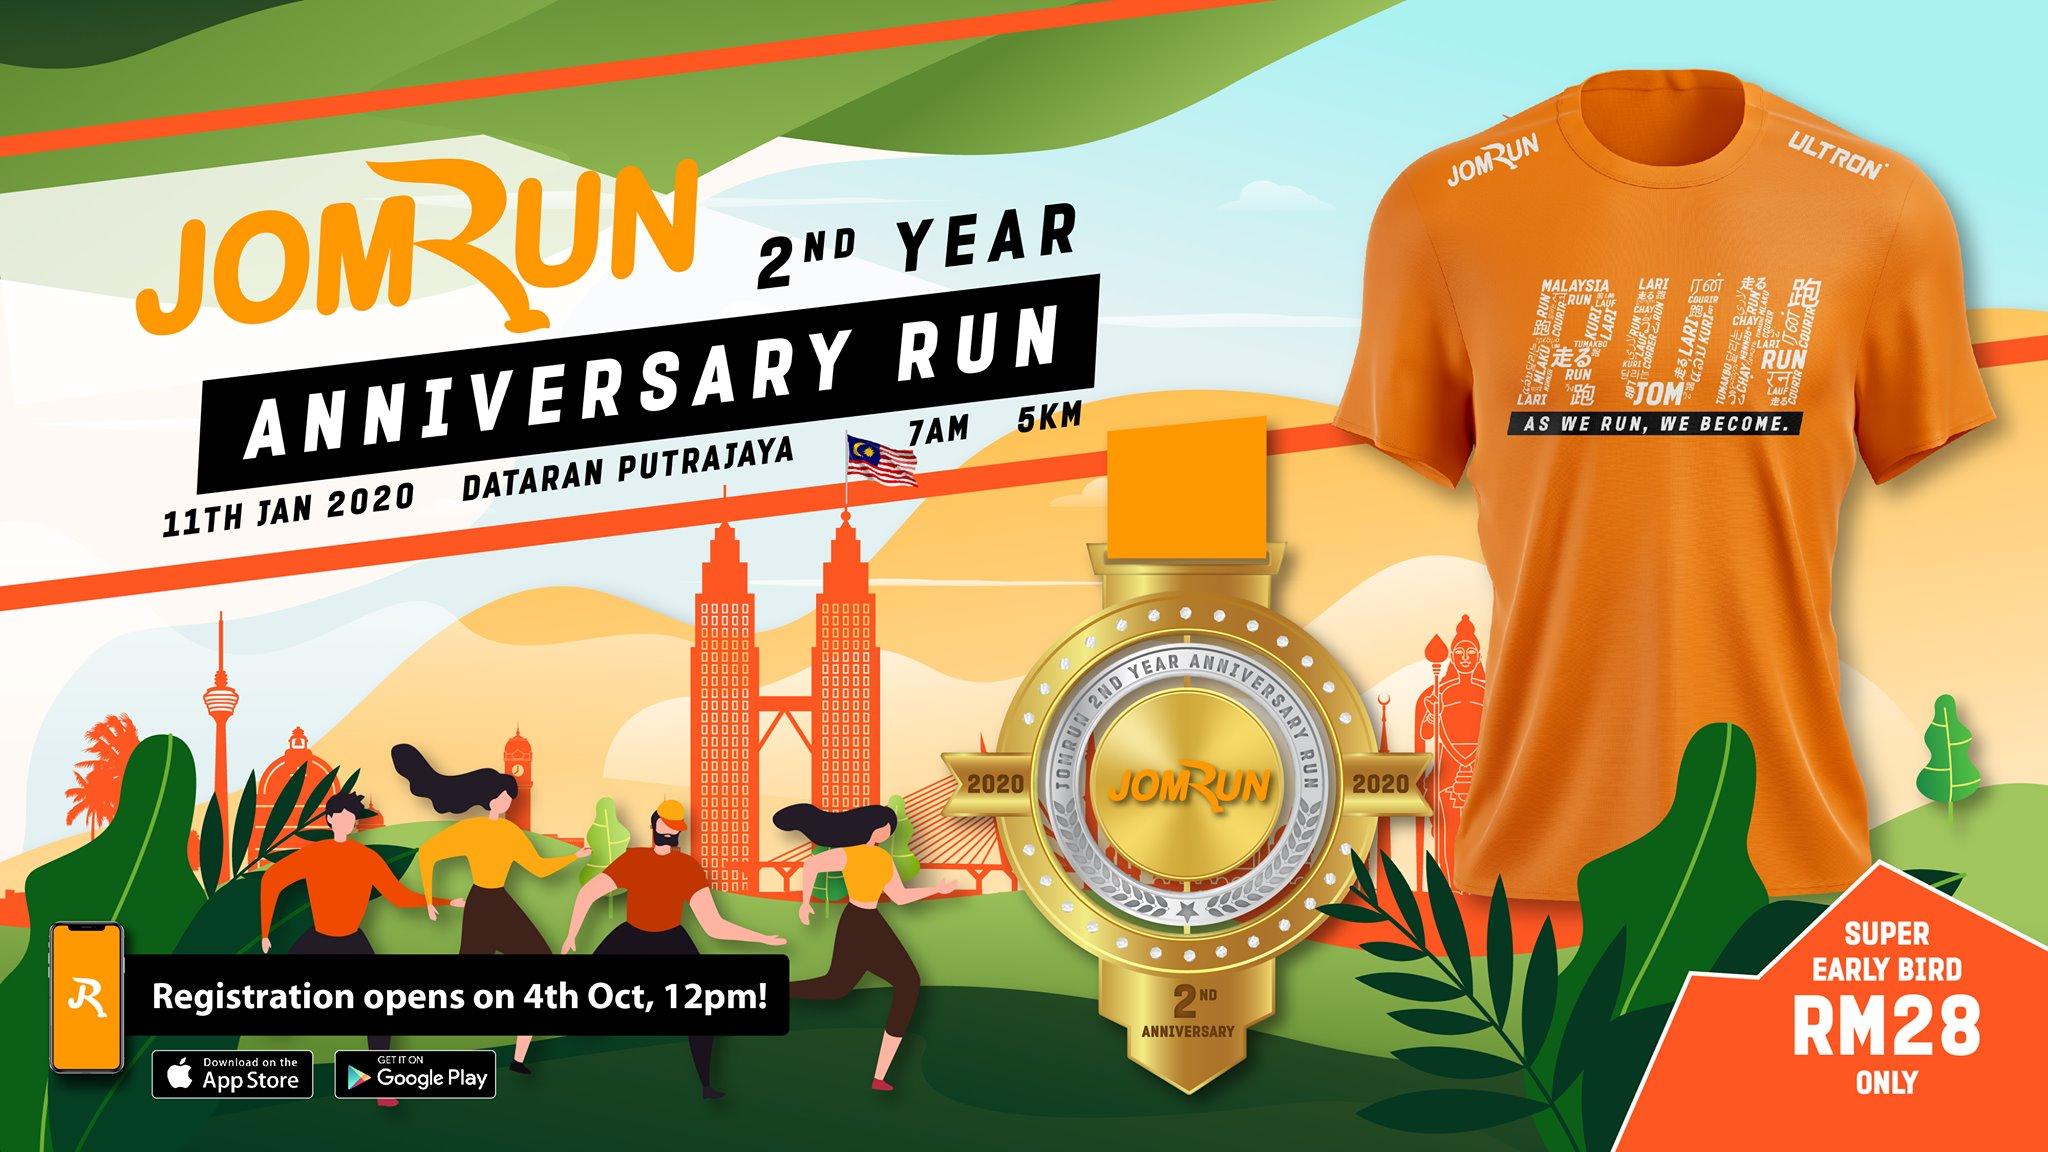 JomRun 2nd Year Anniversary Run